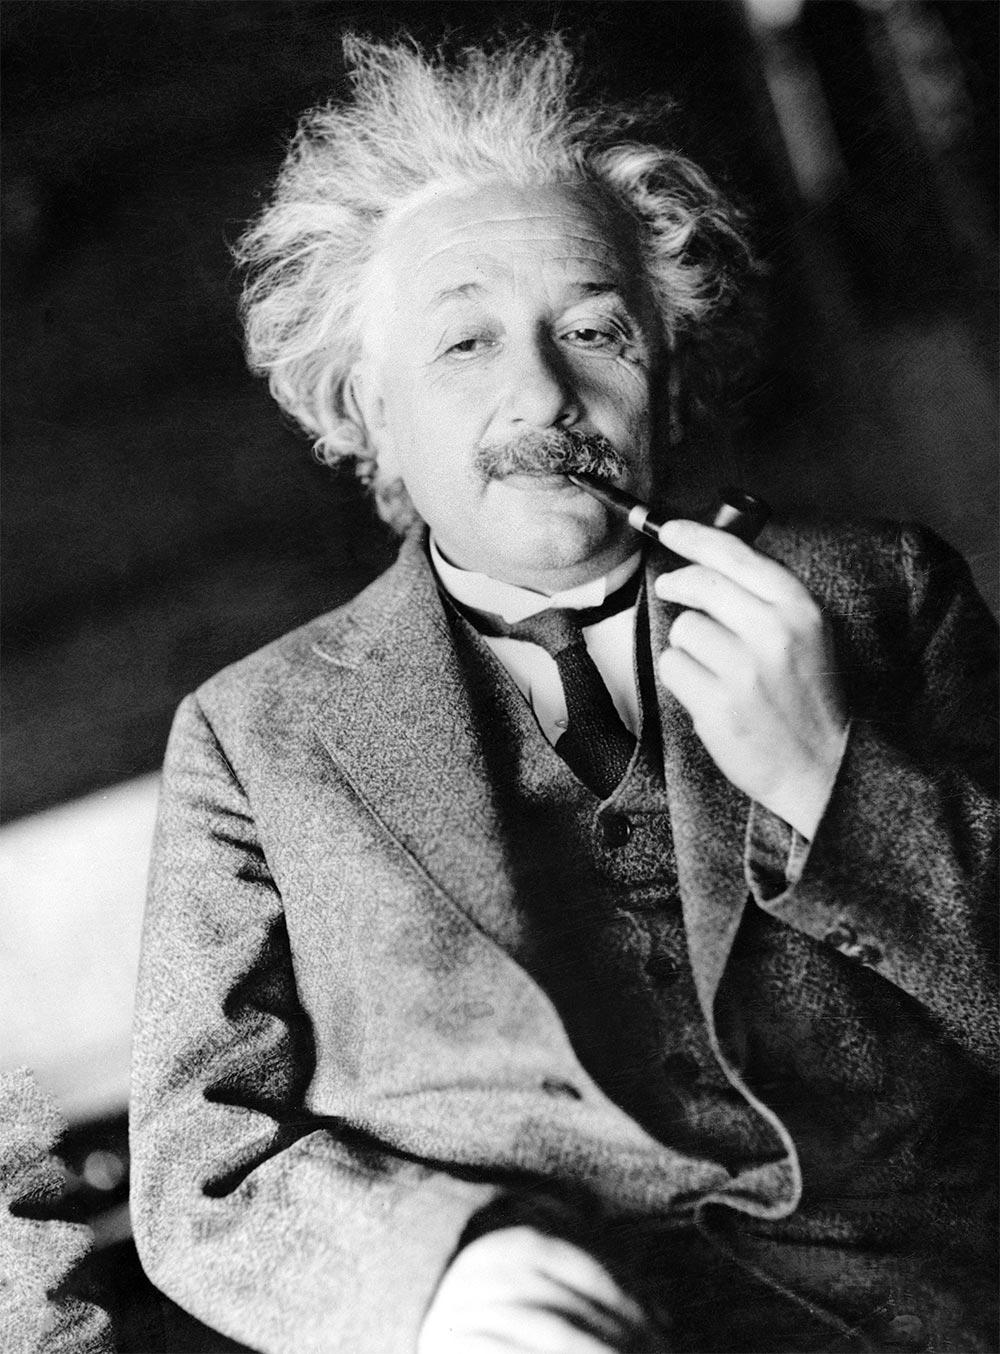 известные личности левши Альберт Эйнштейн